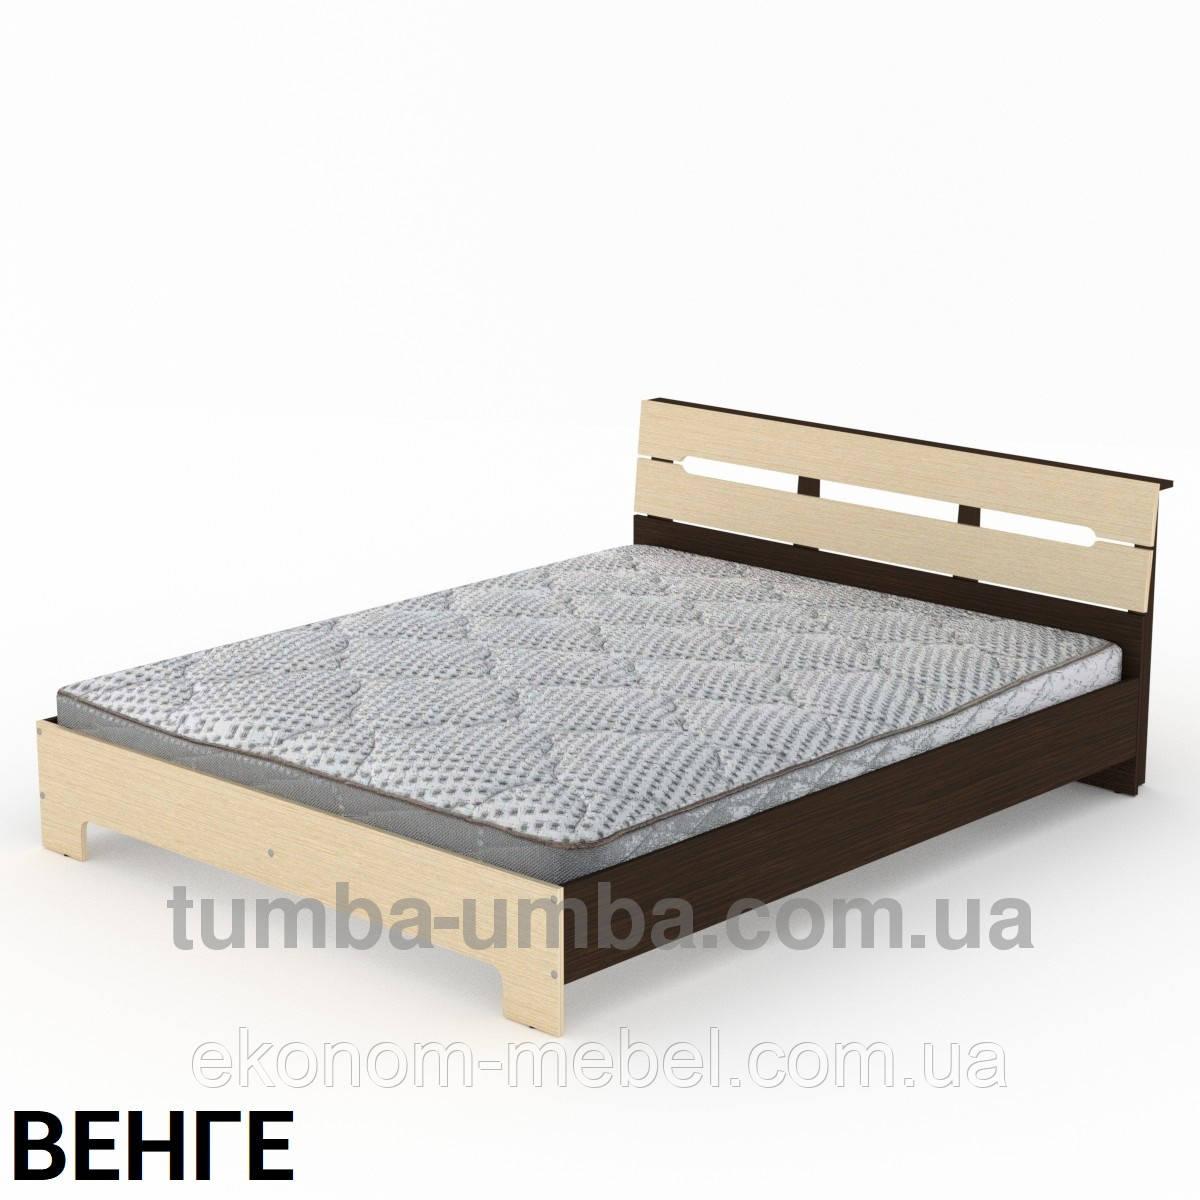 Кровать Стиль-160 двуспальная эконом-класса